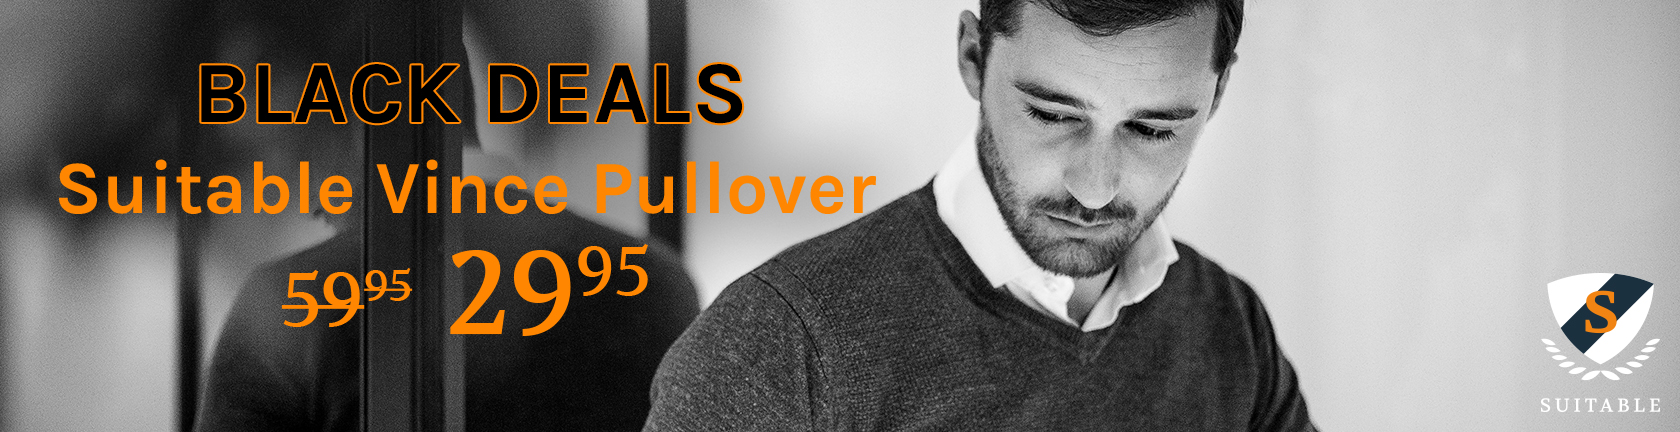 Black Friday deals bij Suitable Vince Pullover van 59,95 voor 29,95